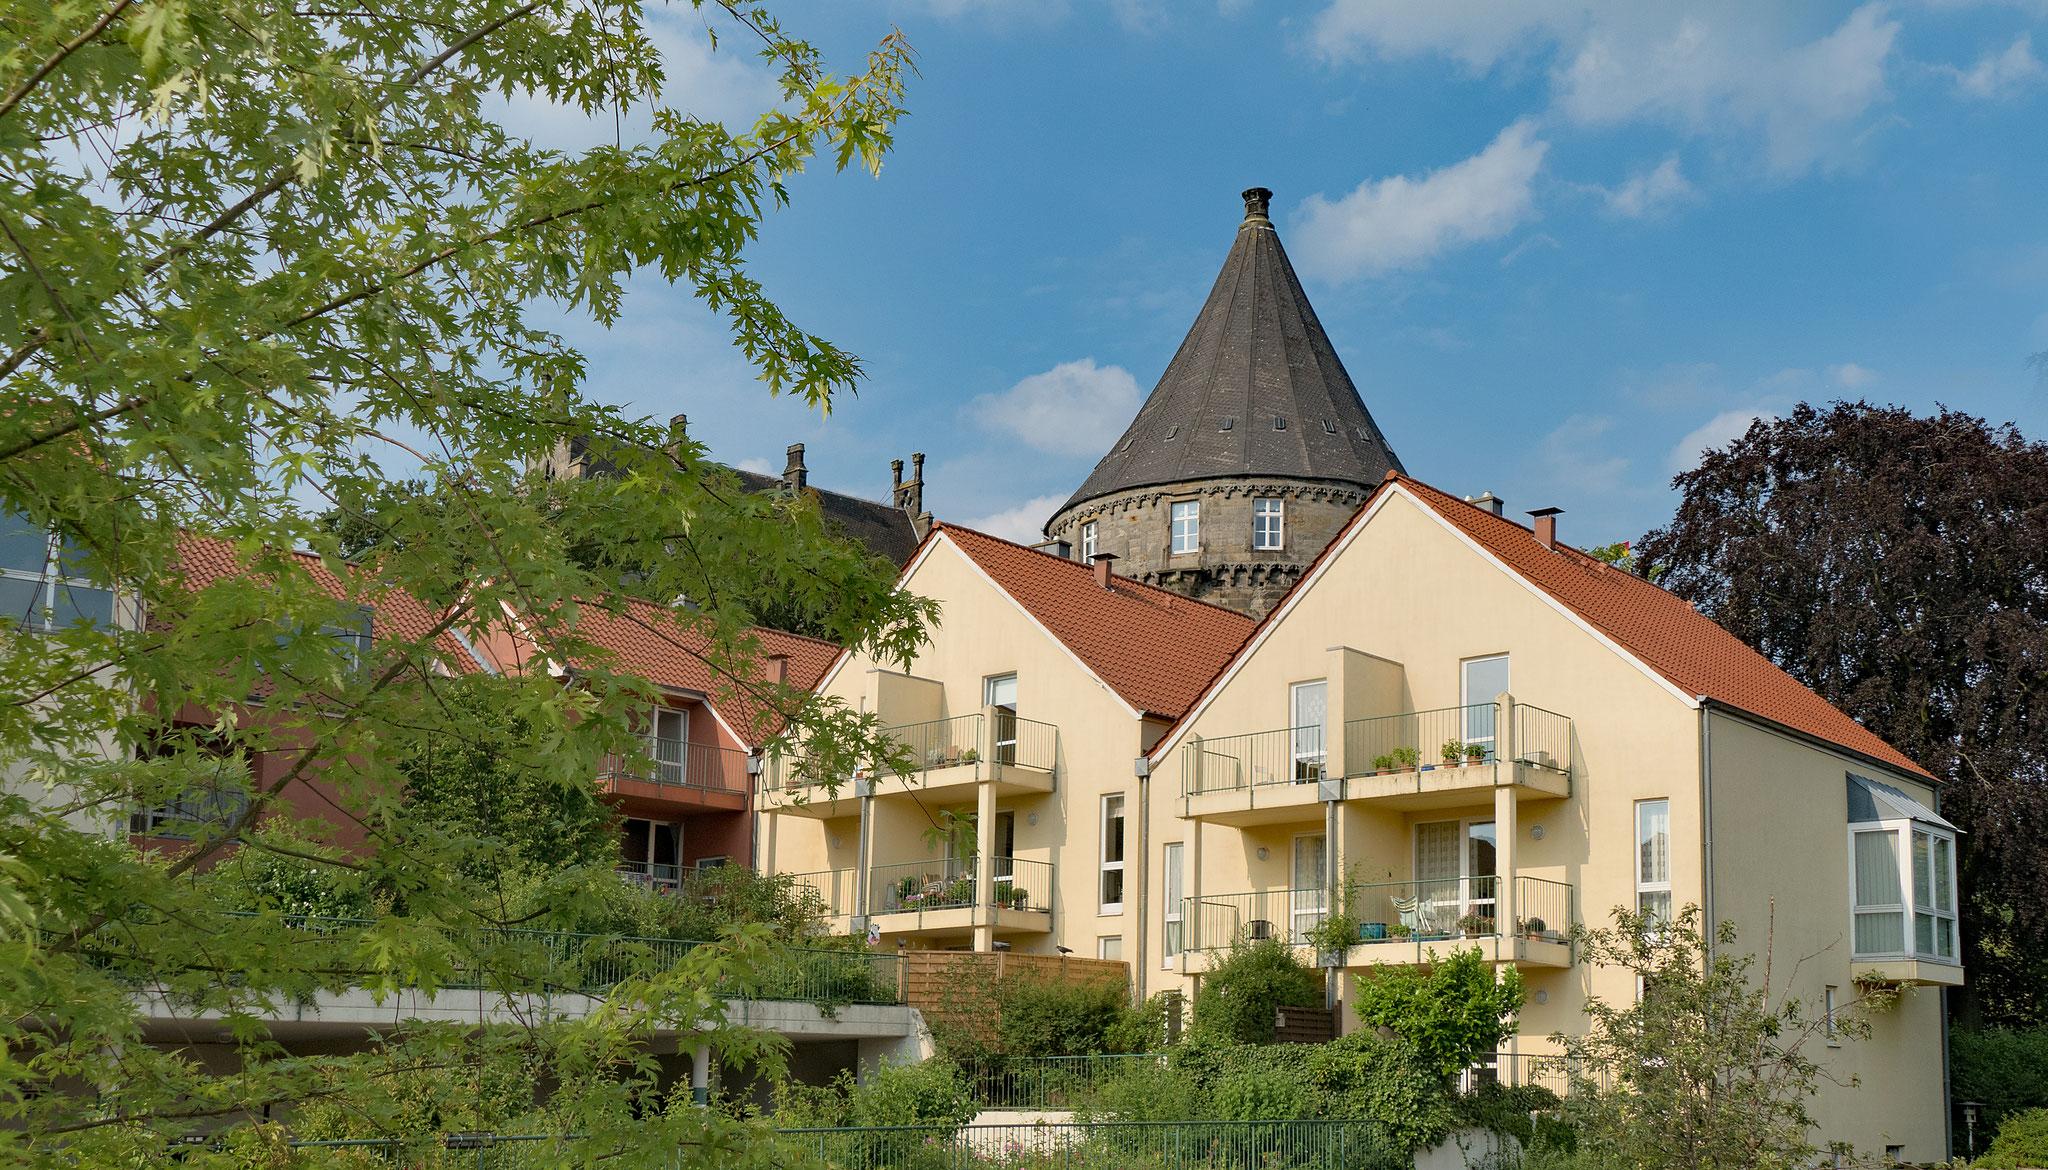 Wohnanlage Bellevue in der Schlossstraße in Bad Bentheim